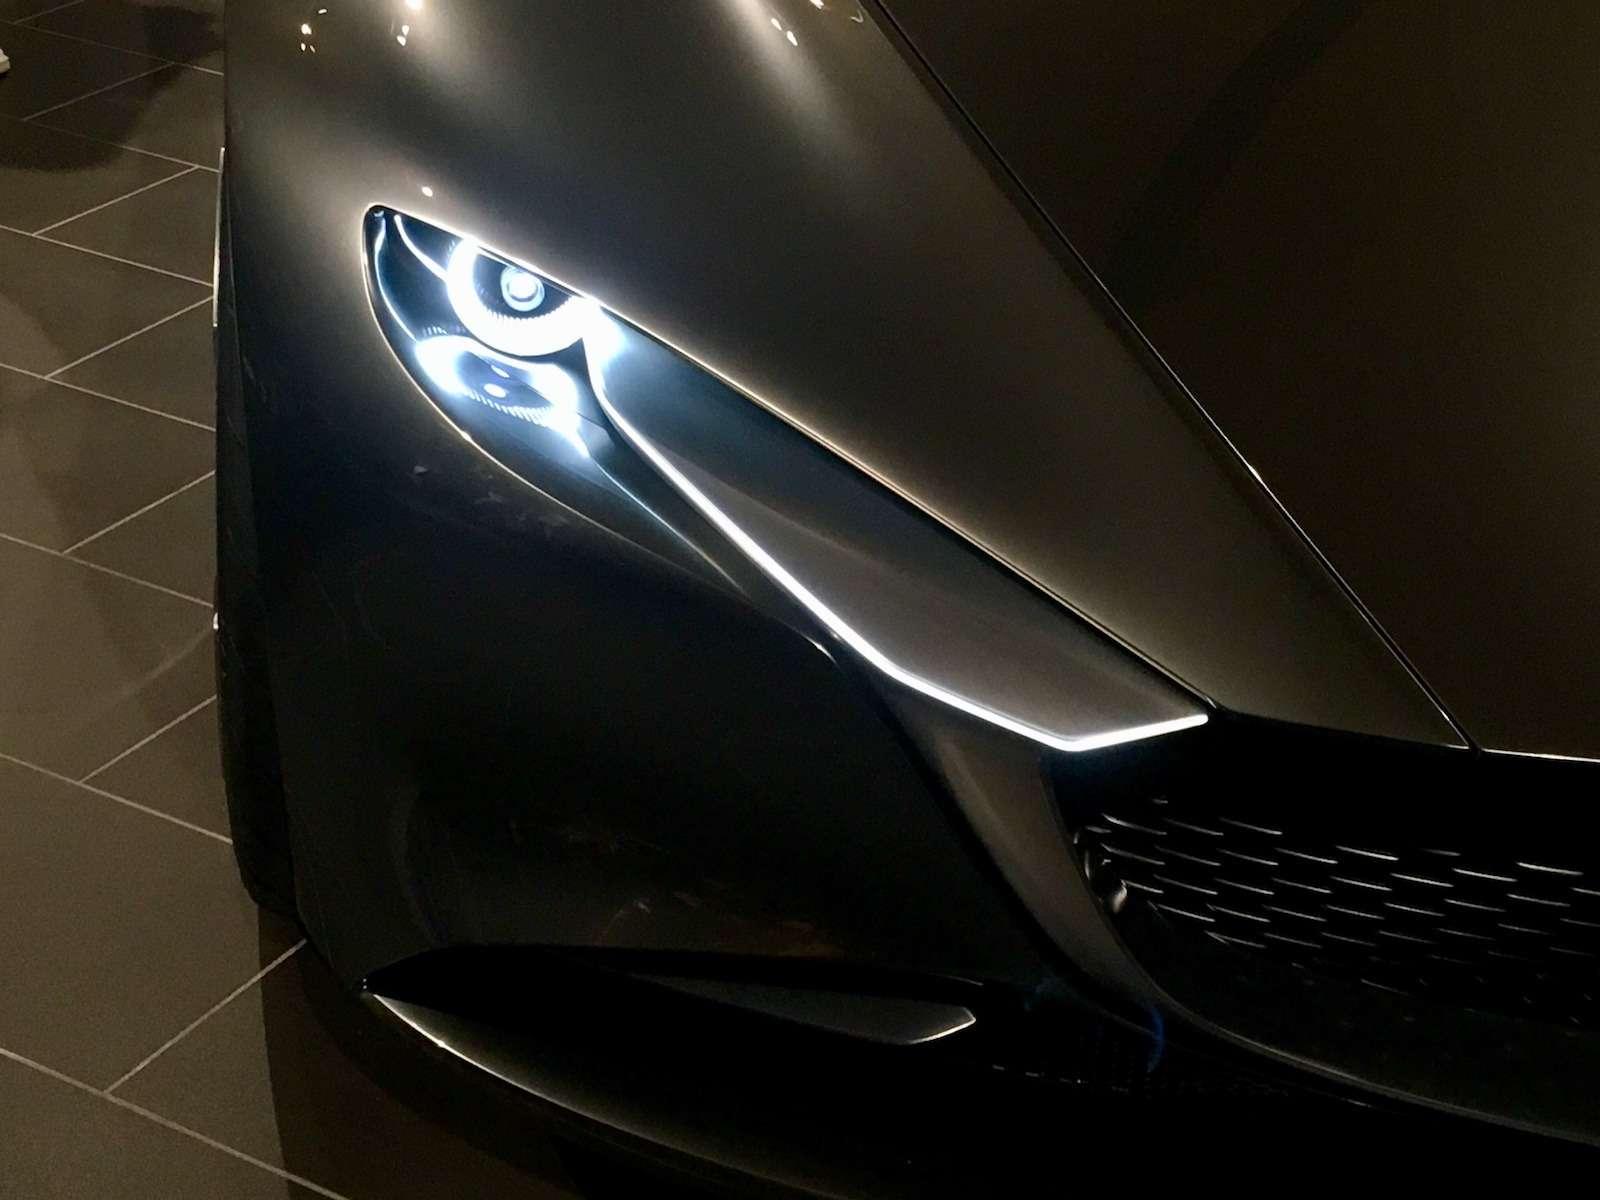 Больше света: Mazda представила обновленную дизайн-концепцию— фото 808888